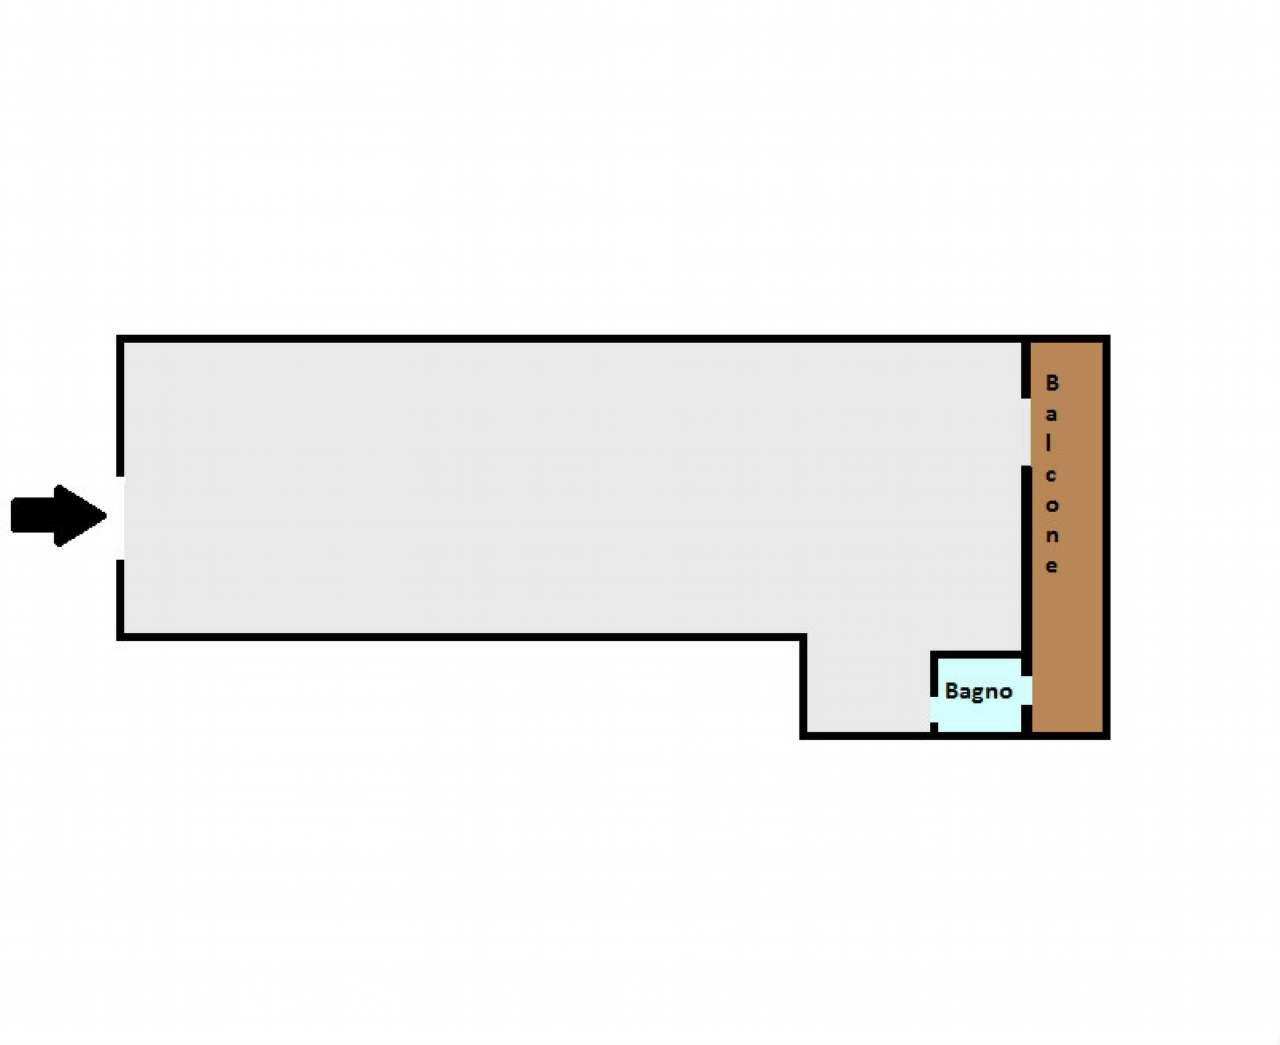 Progetto Appartamento 50 Mq progetto casa a san giorgio a cremano - agenzia immobiliare